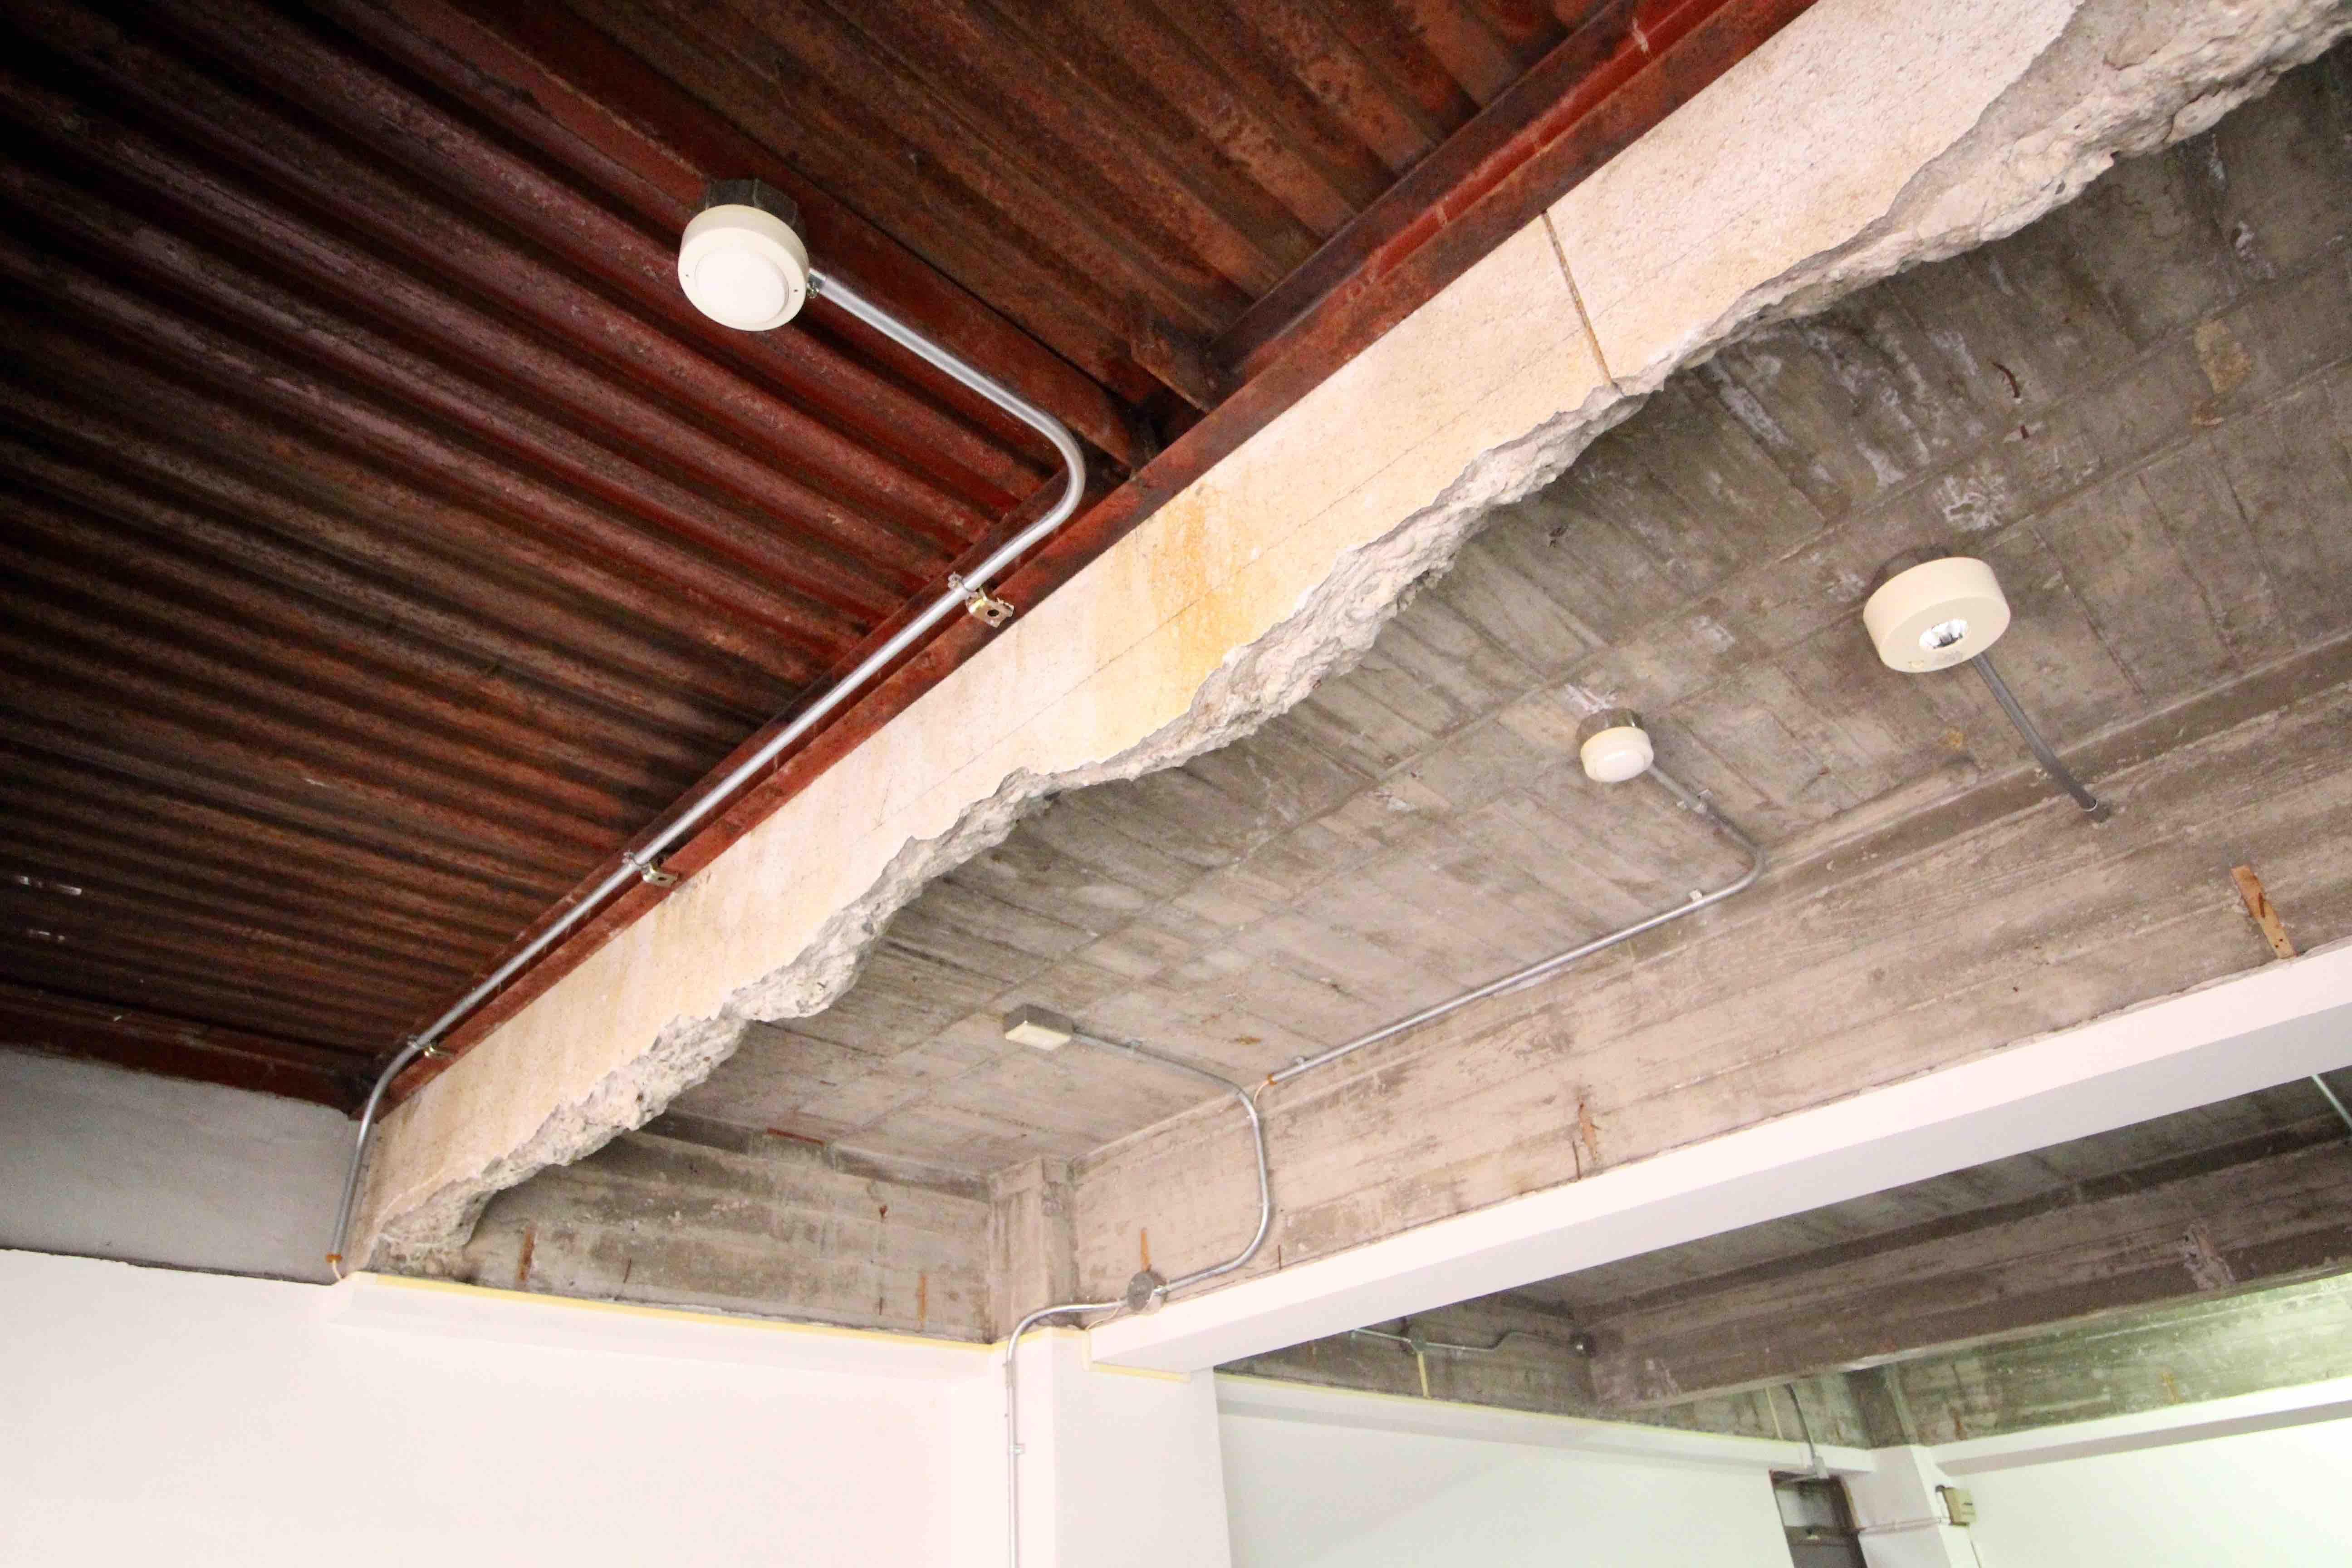 窓際の天井は無骨な鉄骨